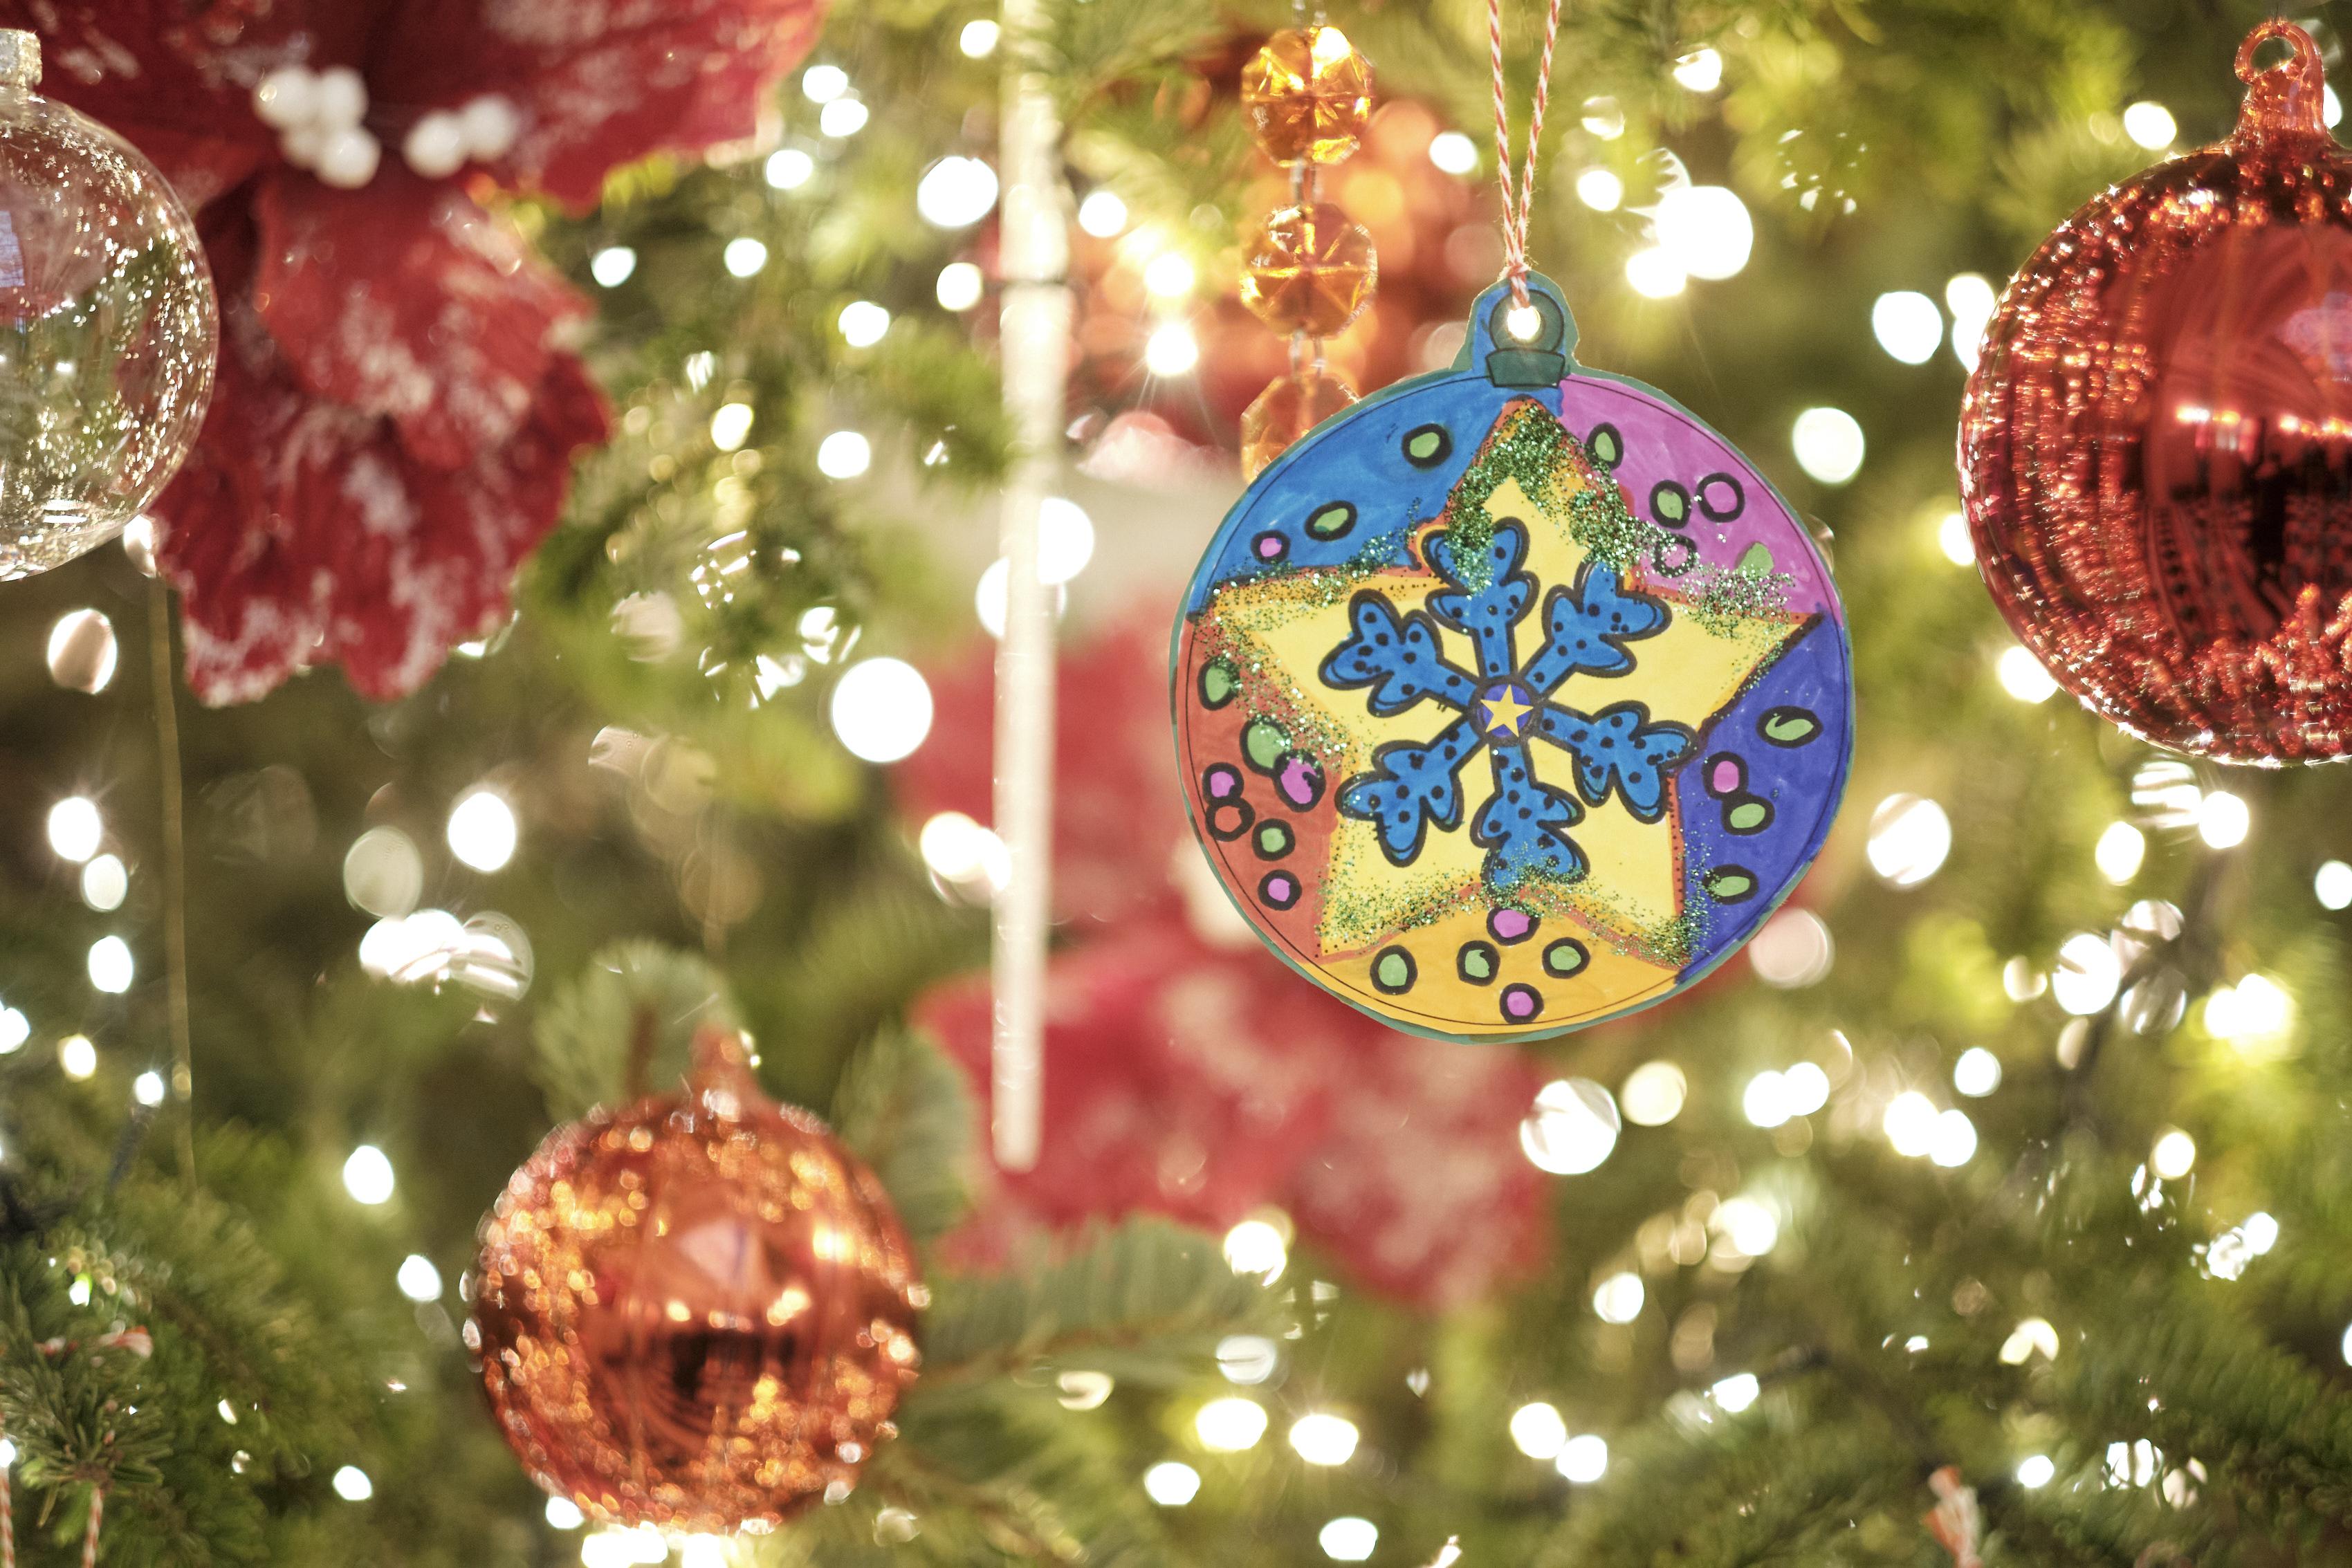 Θεσσαλονίκη: Μετά τα Θεοφάνεια αρχίζει η ανακύκλωση των φυσικών χριστουγεννιάτικων δέντρων